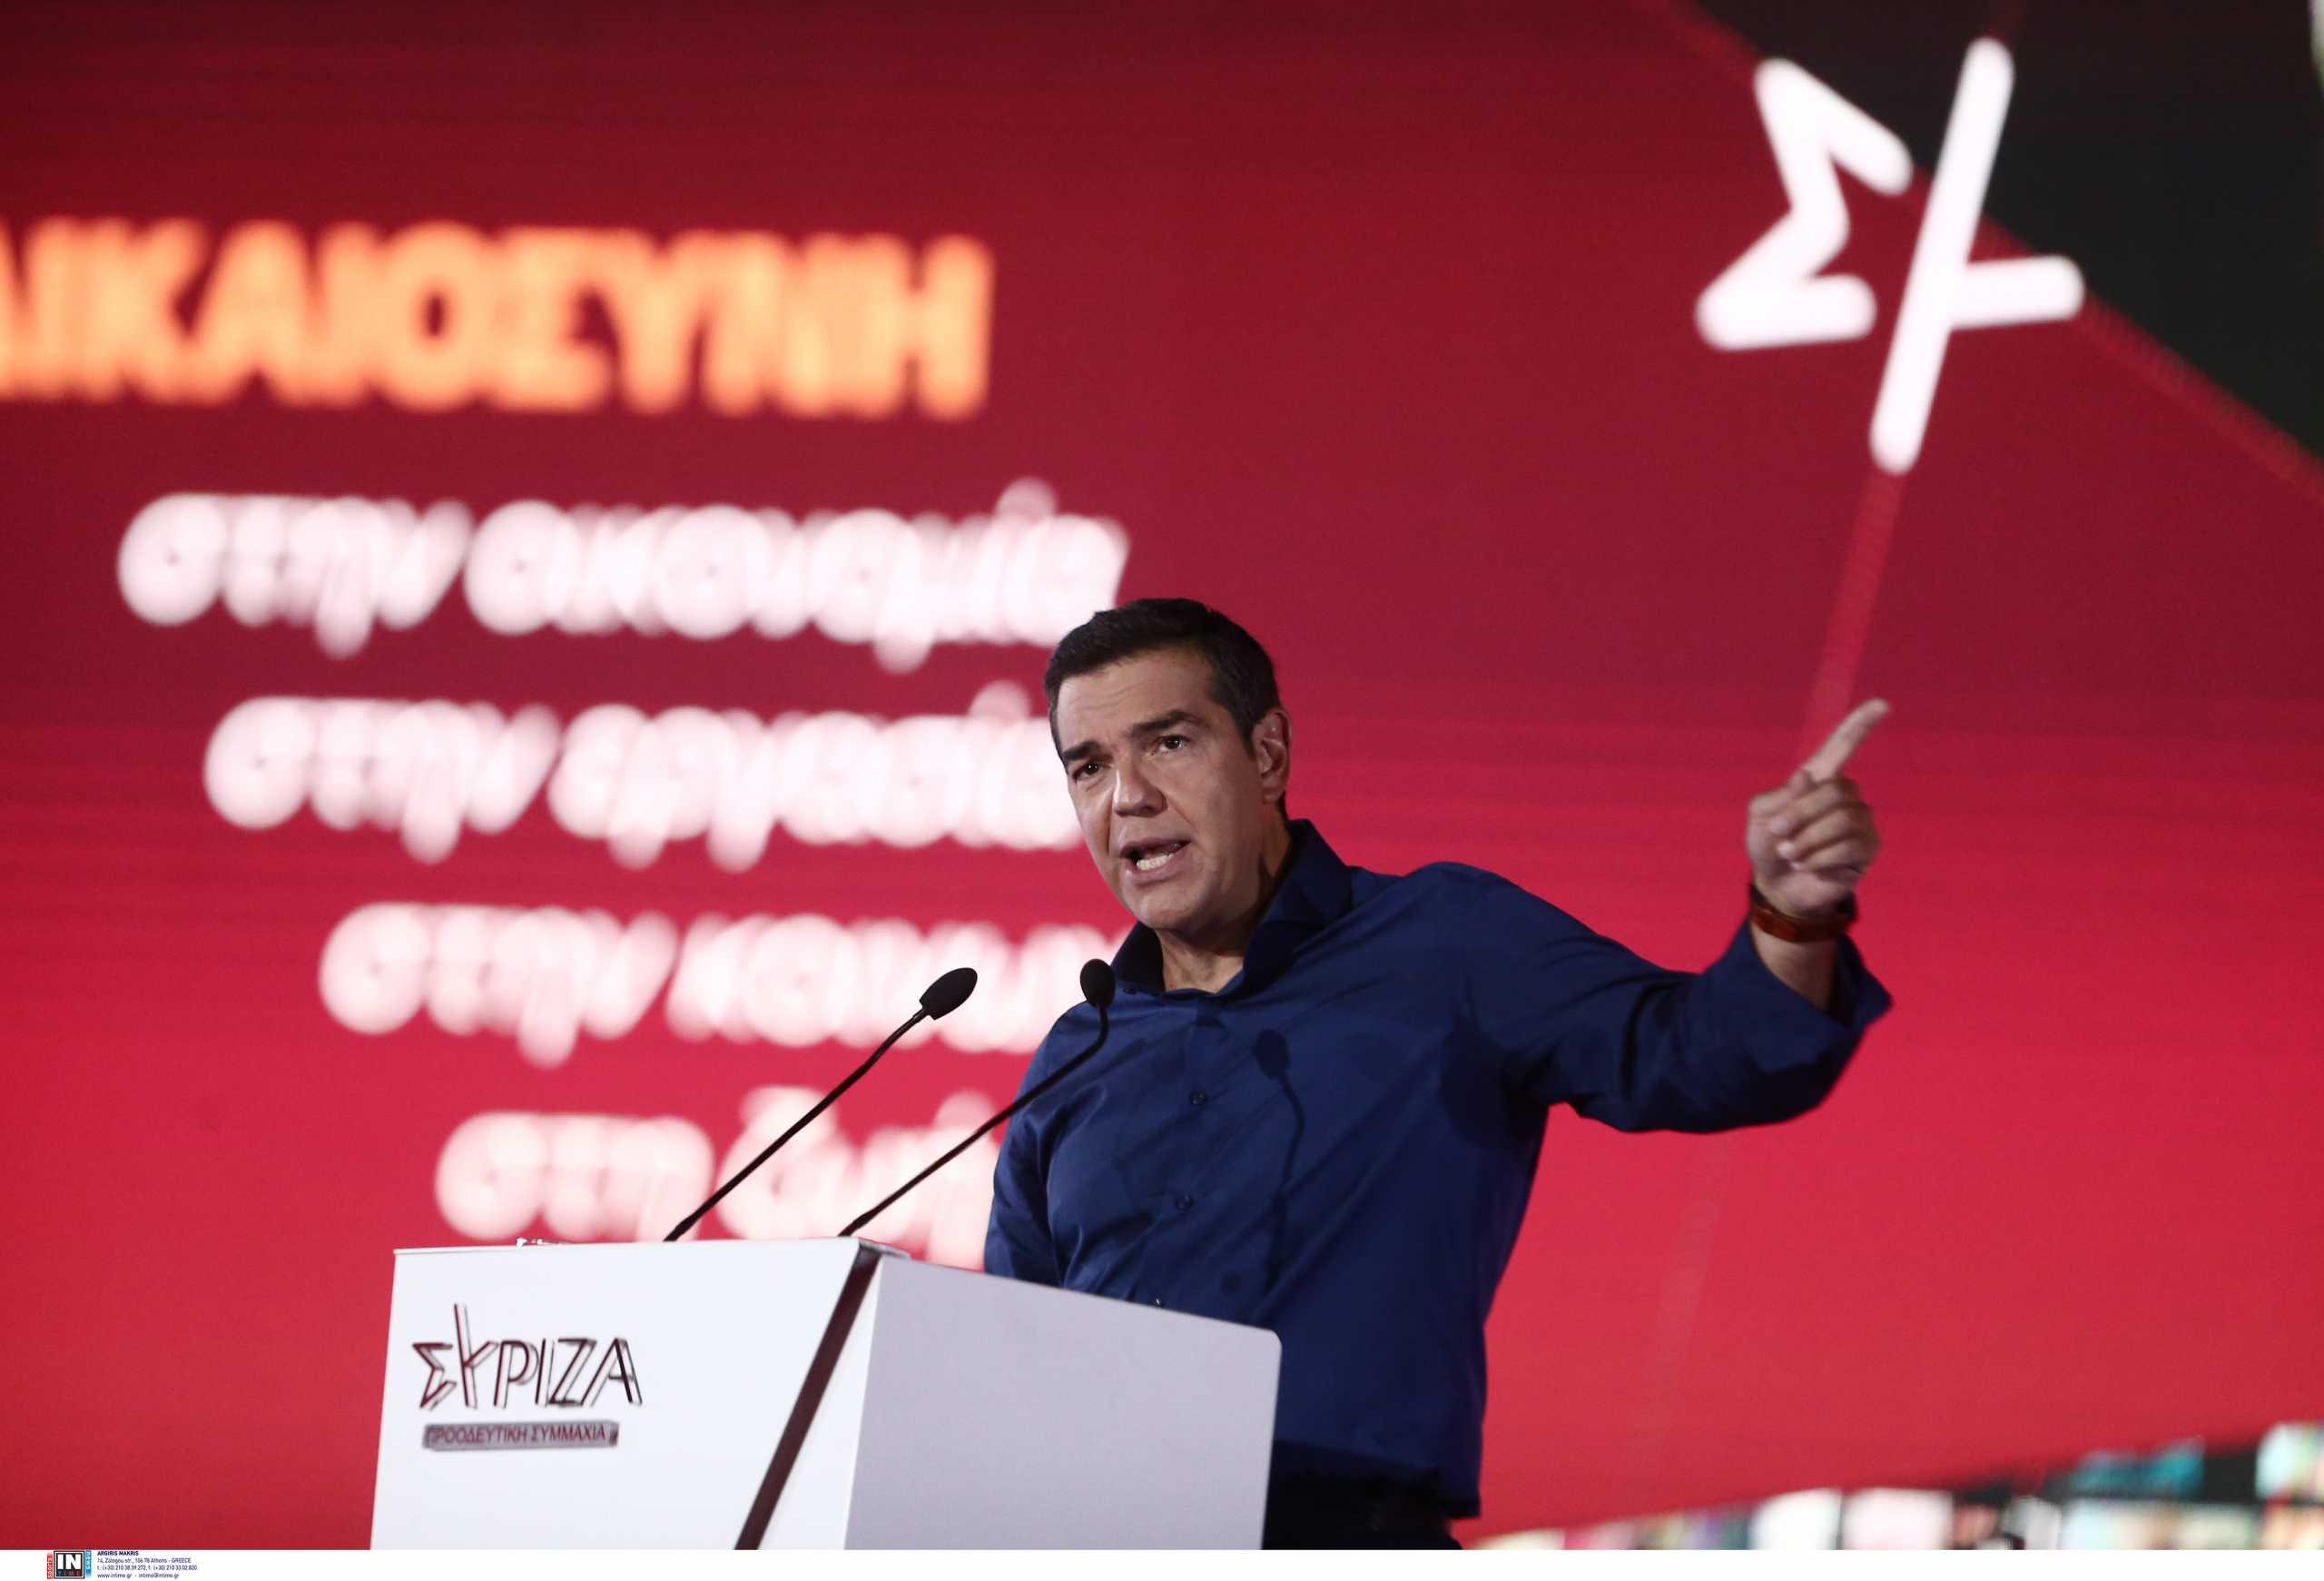 Αλέξης Τσίπρας: H ομιλία στην προγραμματική Συνδιάσκεψη του ΣΥΡΙΖΑ